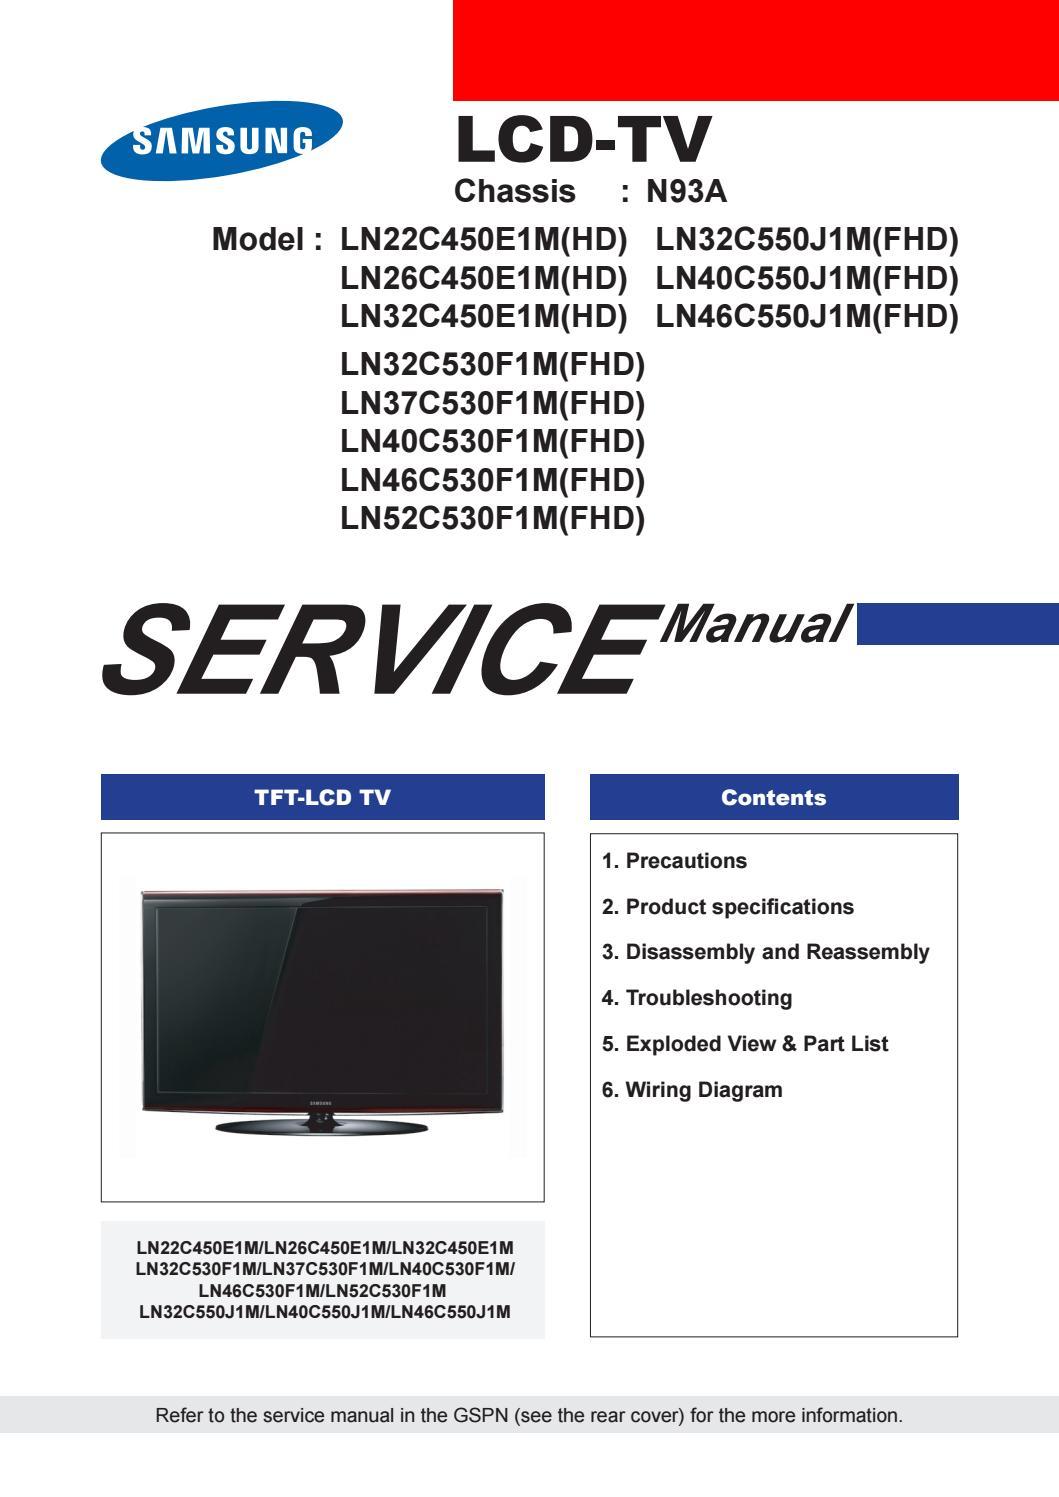 Samsung ln32c450e1m chassi 93 by Jose Aparecido Pinheiro